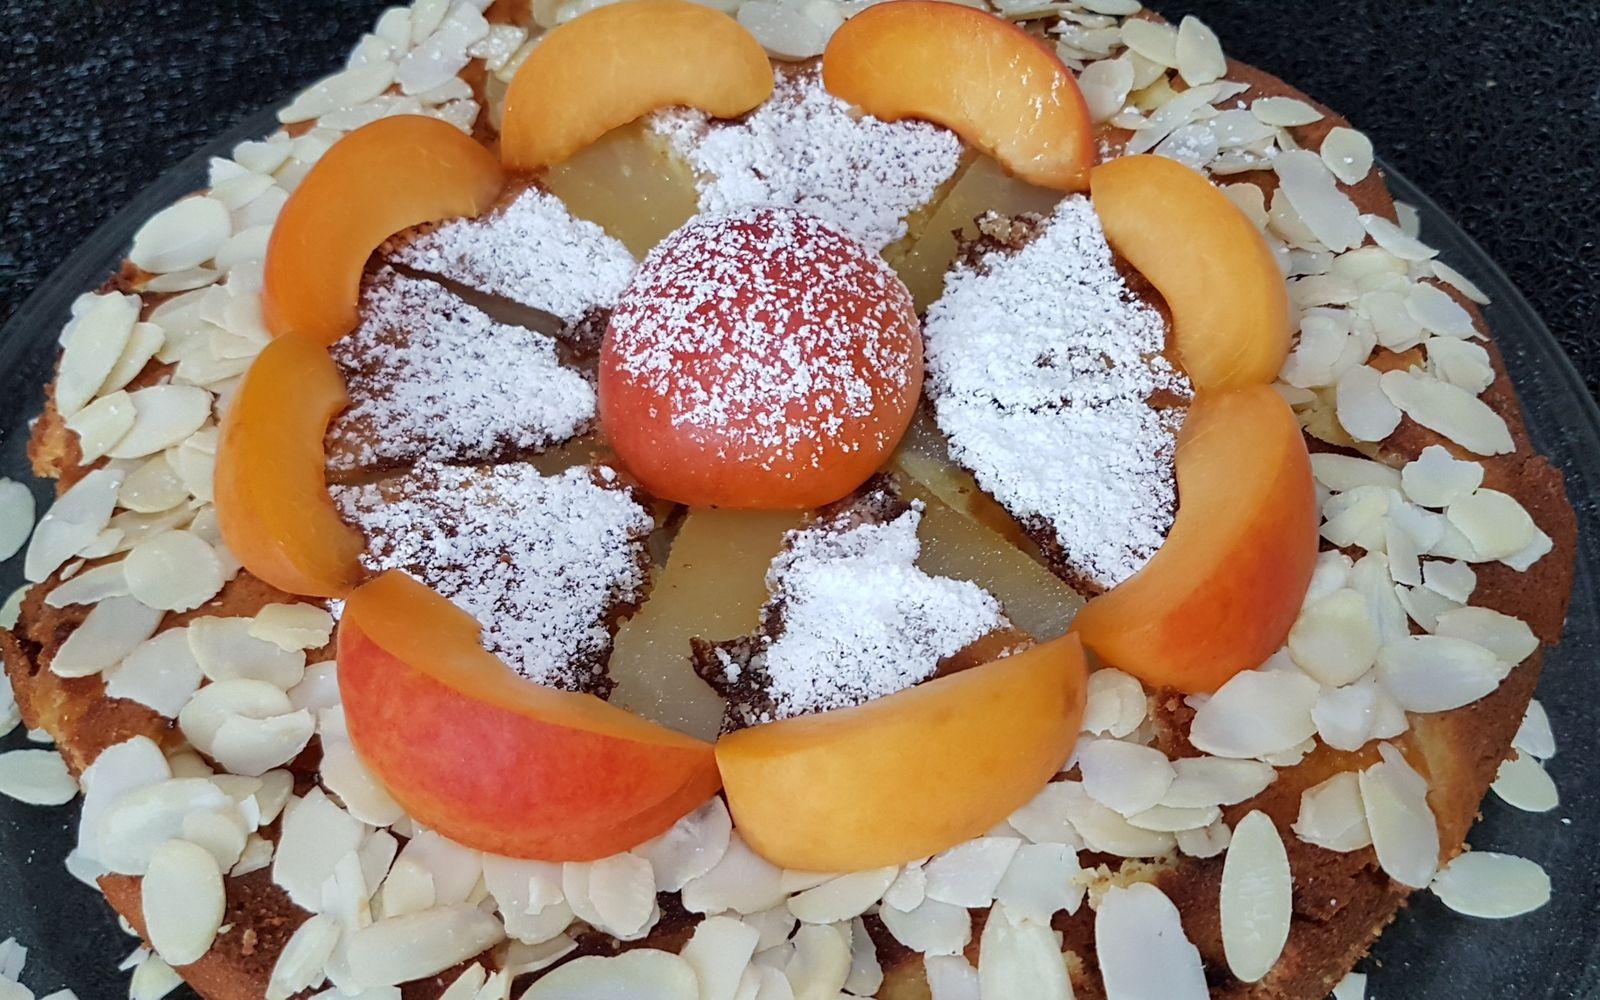 Le Namandier sans gluten poires-abricots